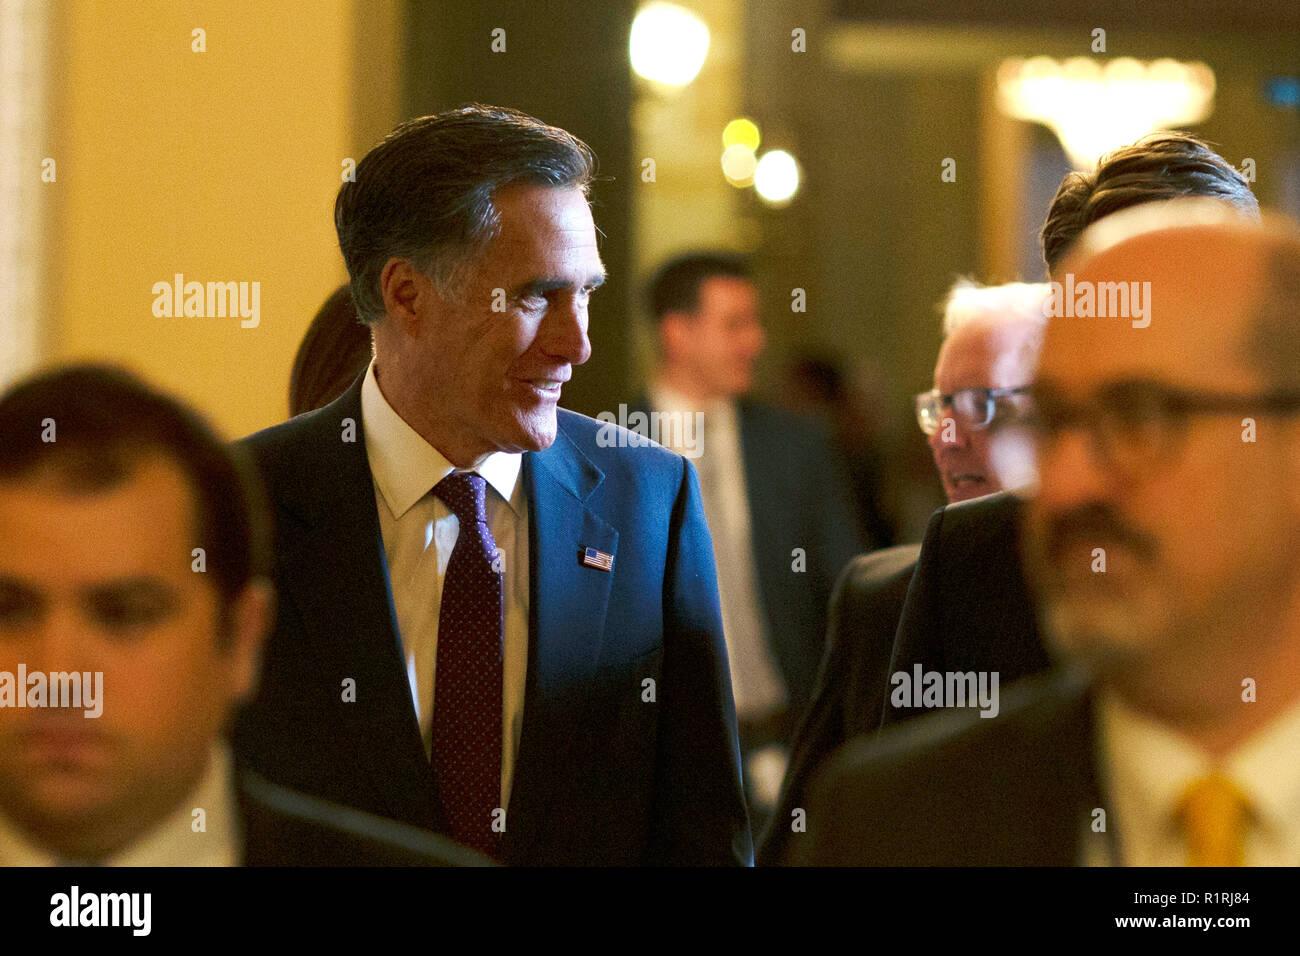 Washington, États-Unis d'Amérique. 14Th Nov, 2018. États-unis le sénateur-élu Mitt Romney (républicain de l'Utah) quitte la réunion du caucus républicain du Sénat à l'United States Capitol sur la colline du Capitole à Washington, DC Le 14 novembre 2018. Crédit: Alex Edelman/CNP Crédit dans le monde entier | conditions: dpa/Alamy Live News Banque D'Images